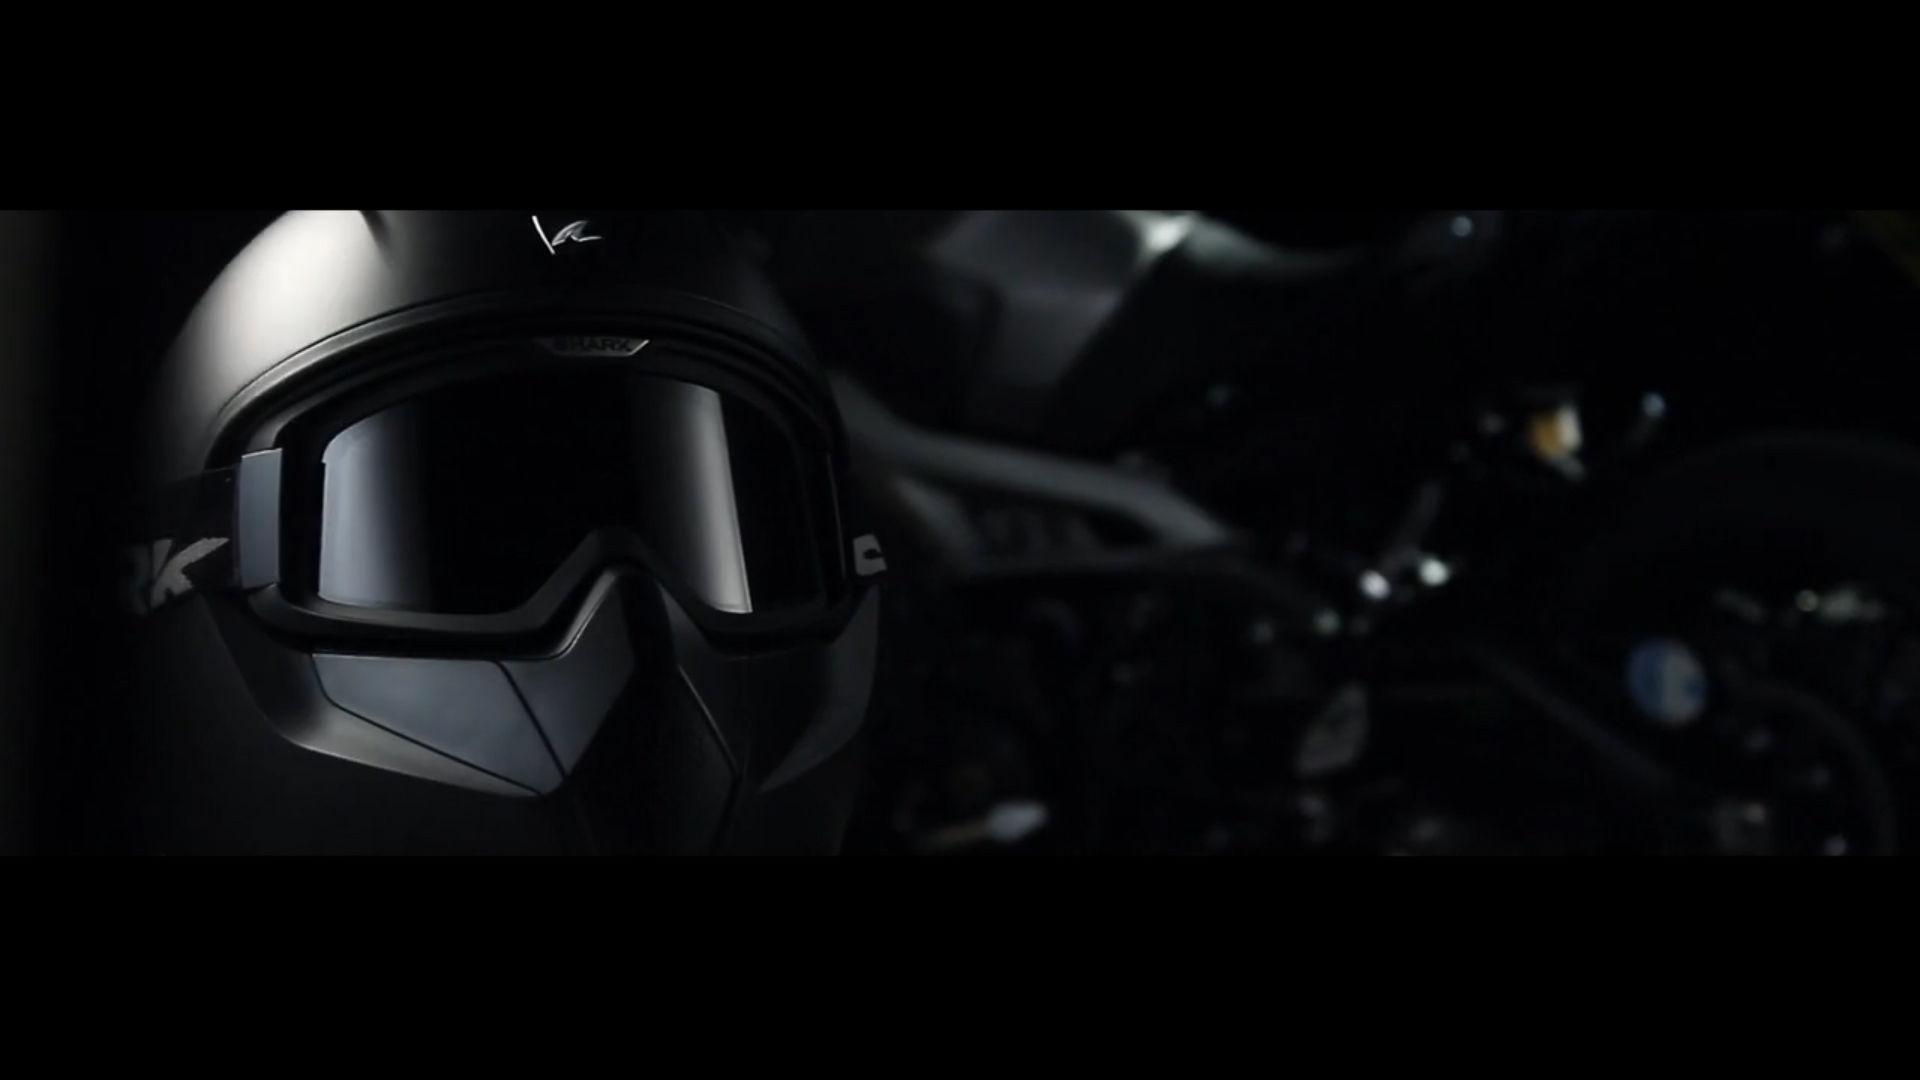 Shark Helmets: The Dark Side